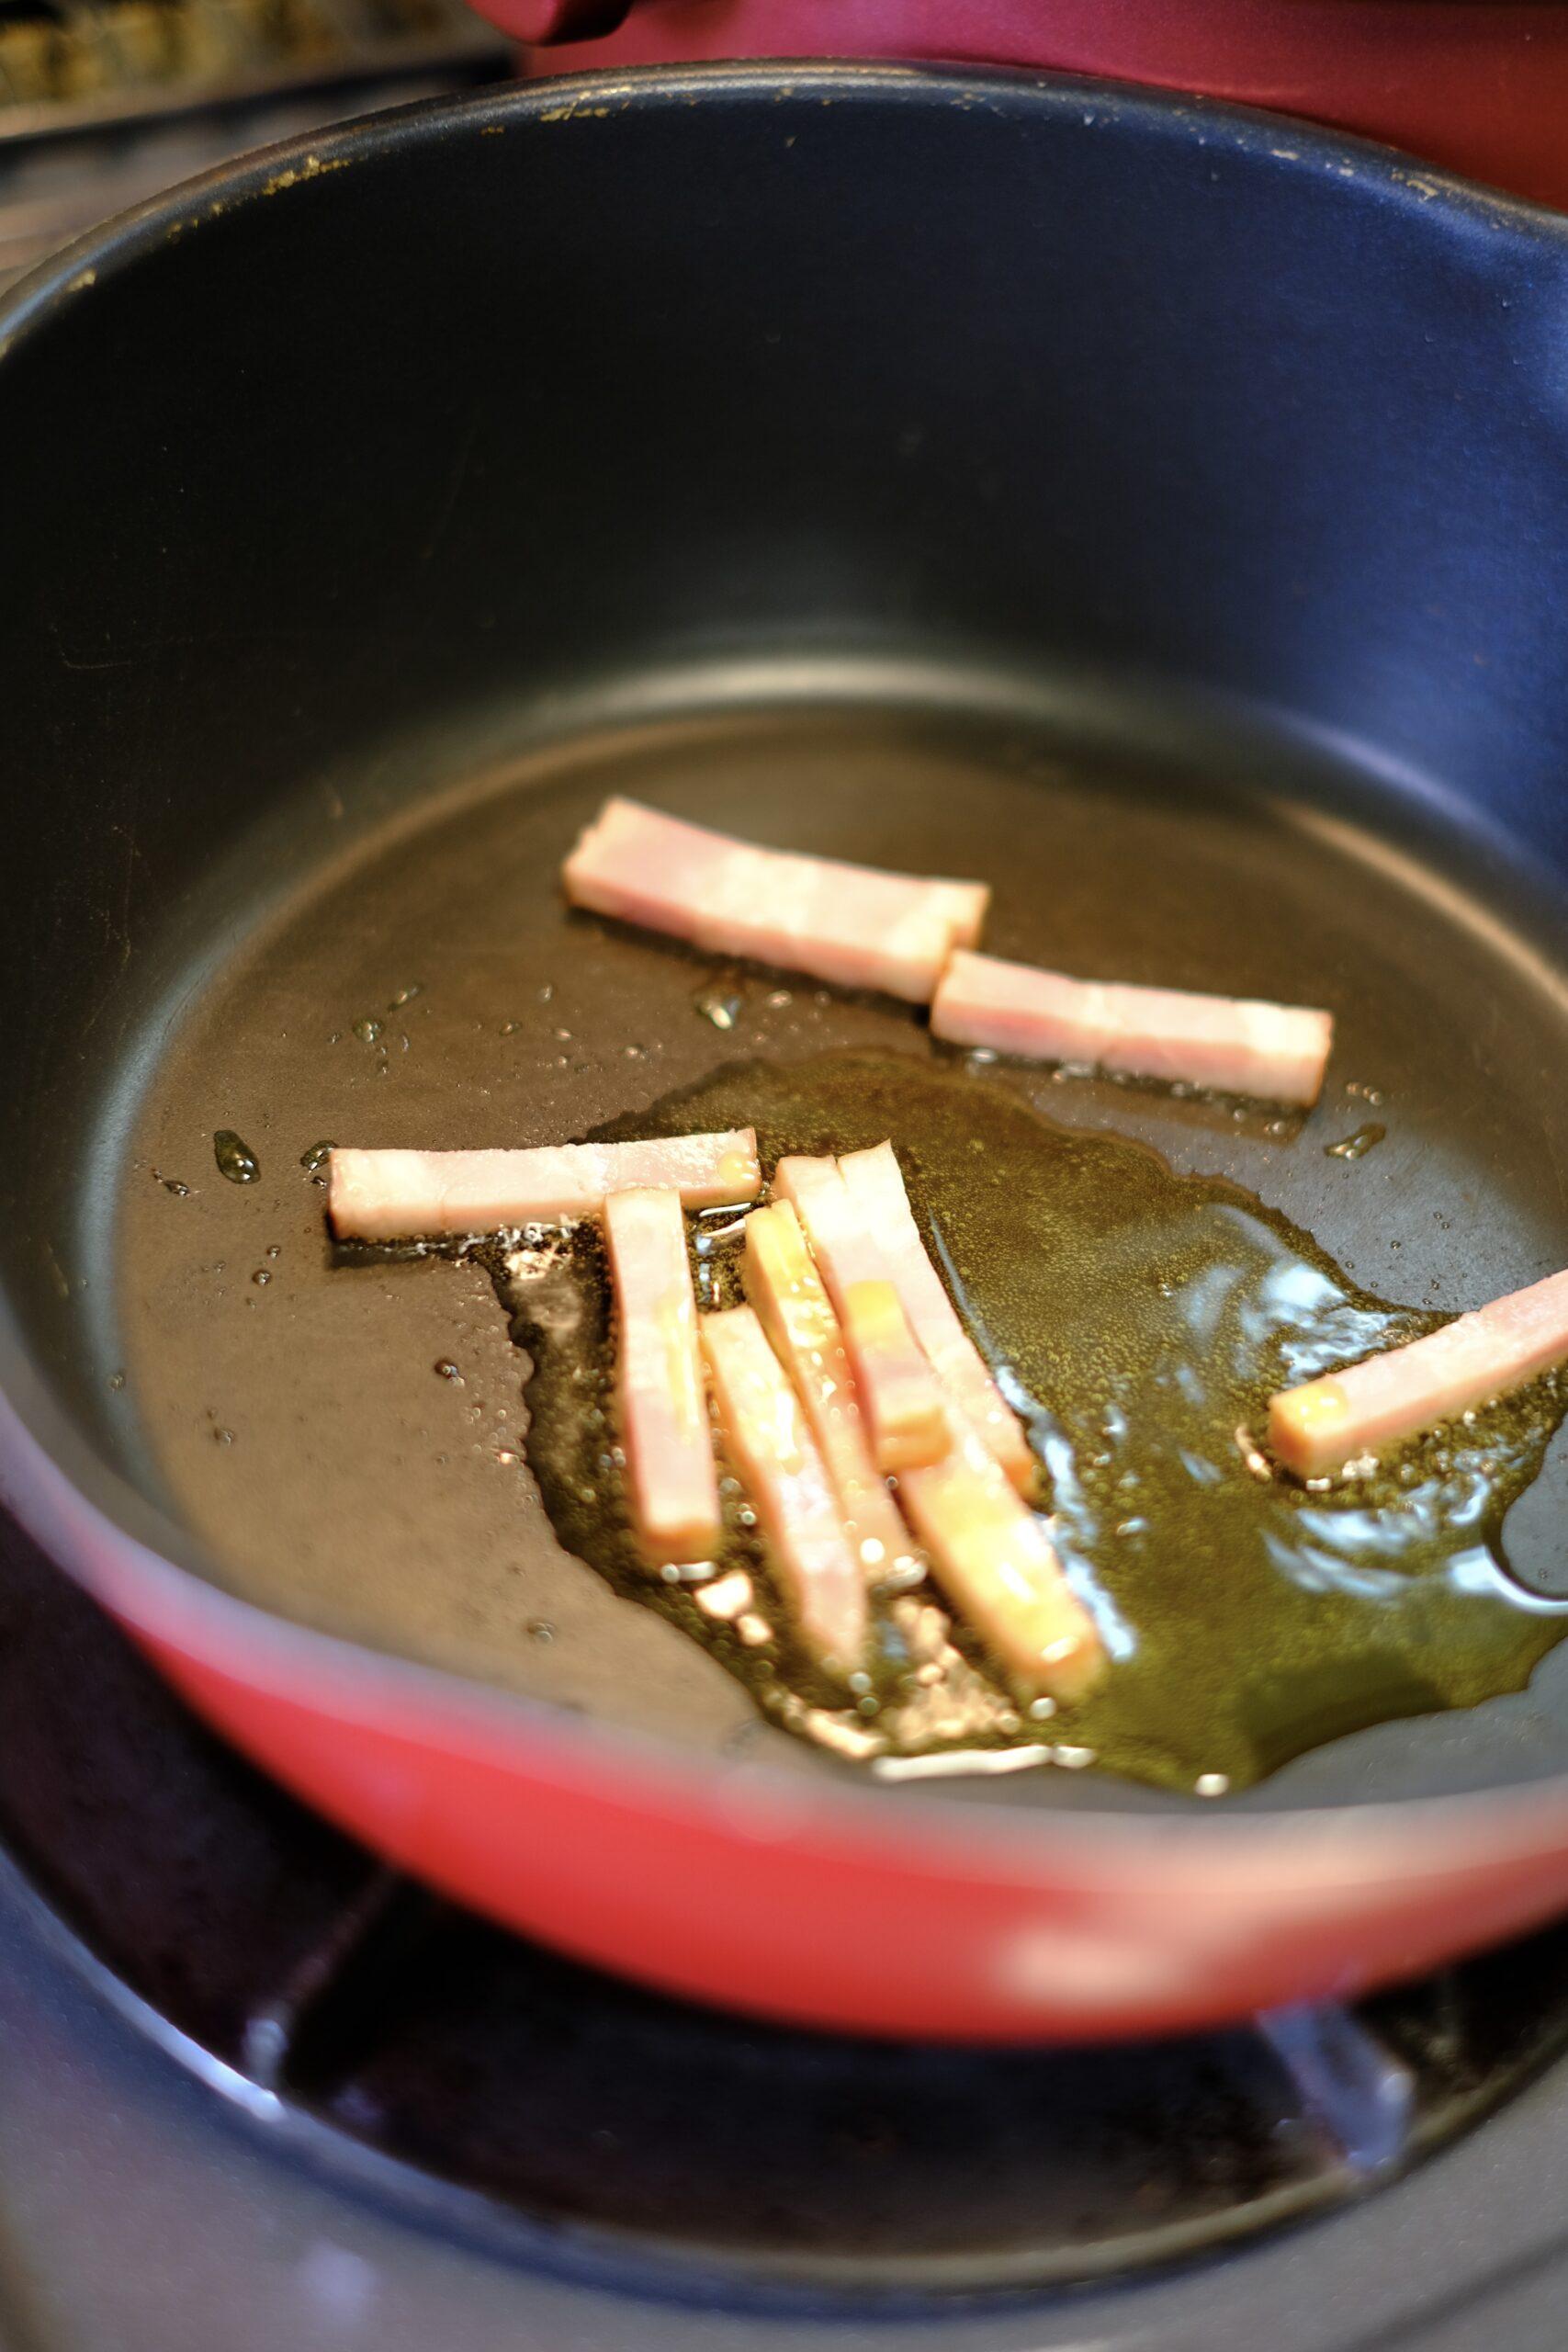 フライパンにオリーブオイルとベーコンを入れ加熱している様子の画像です